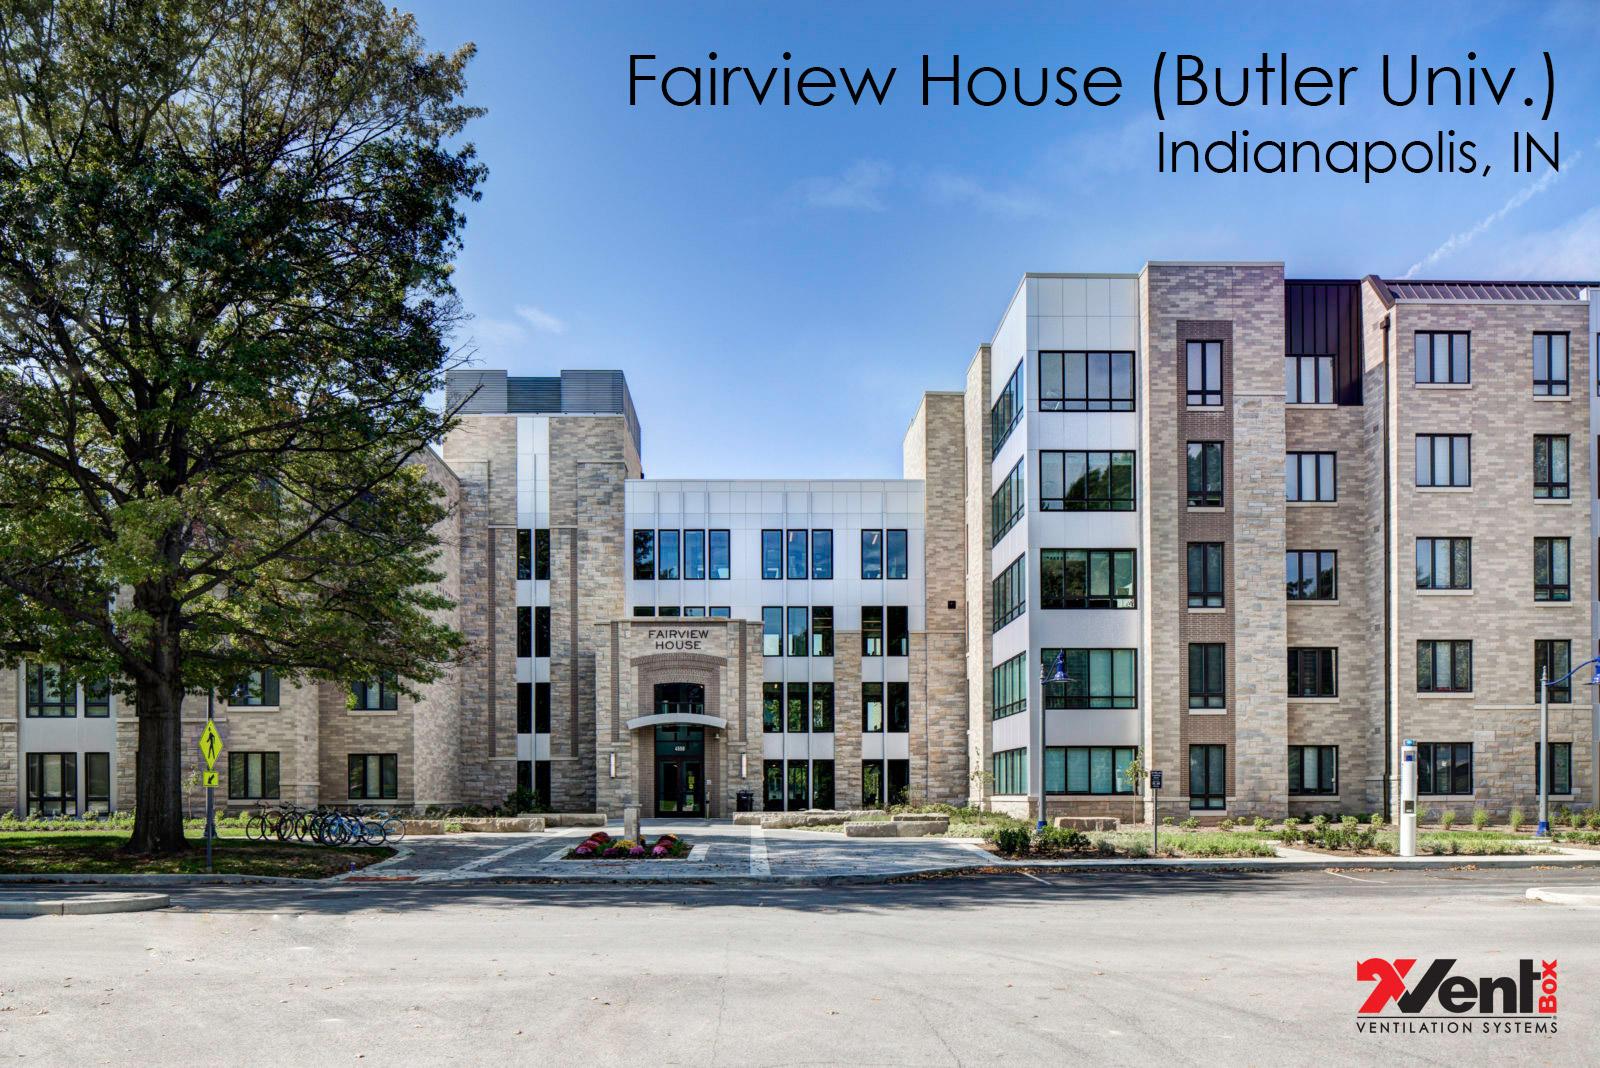 Fairview House (Butler Univ.)